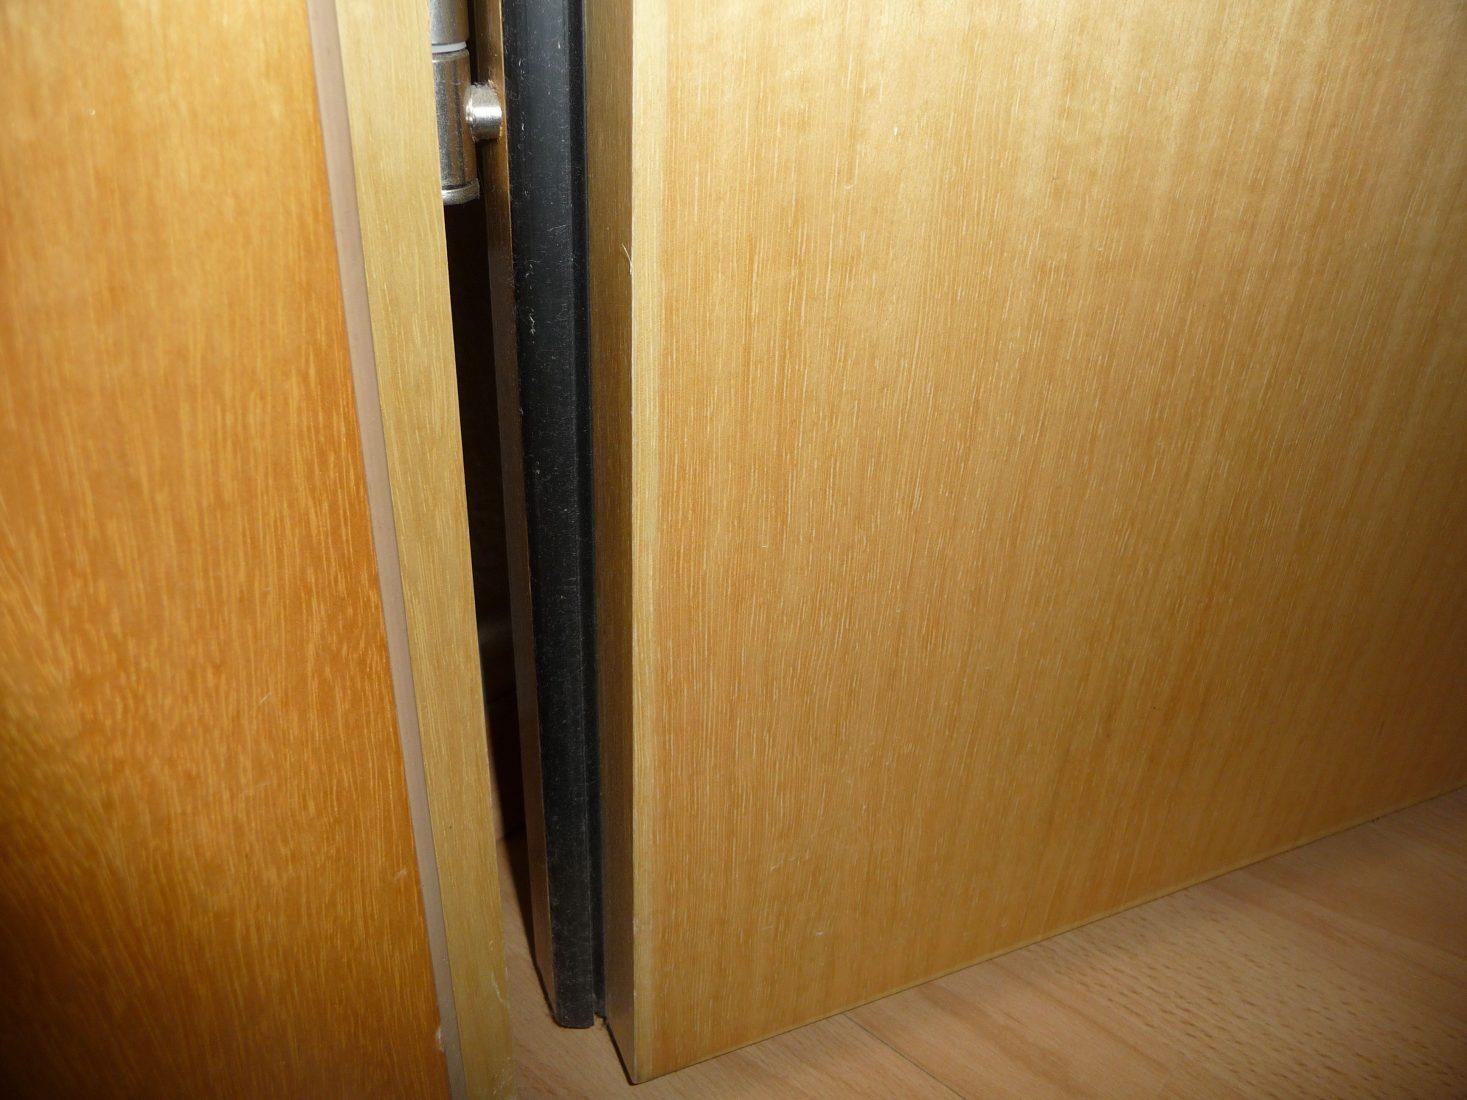 Beliebt Türdichtungen zum Schallschutz, Rauch- und Wärmeschutz MG09